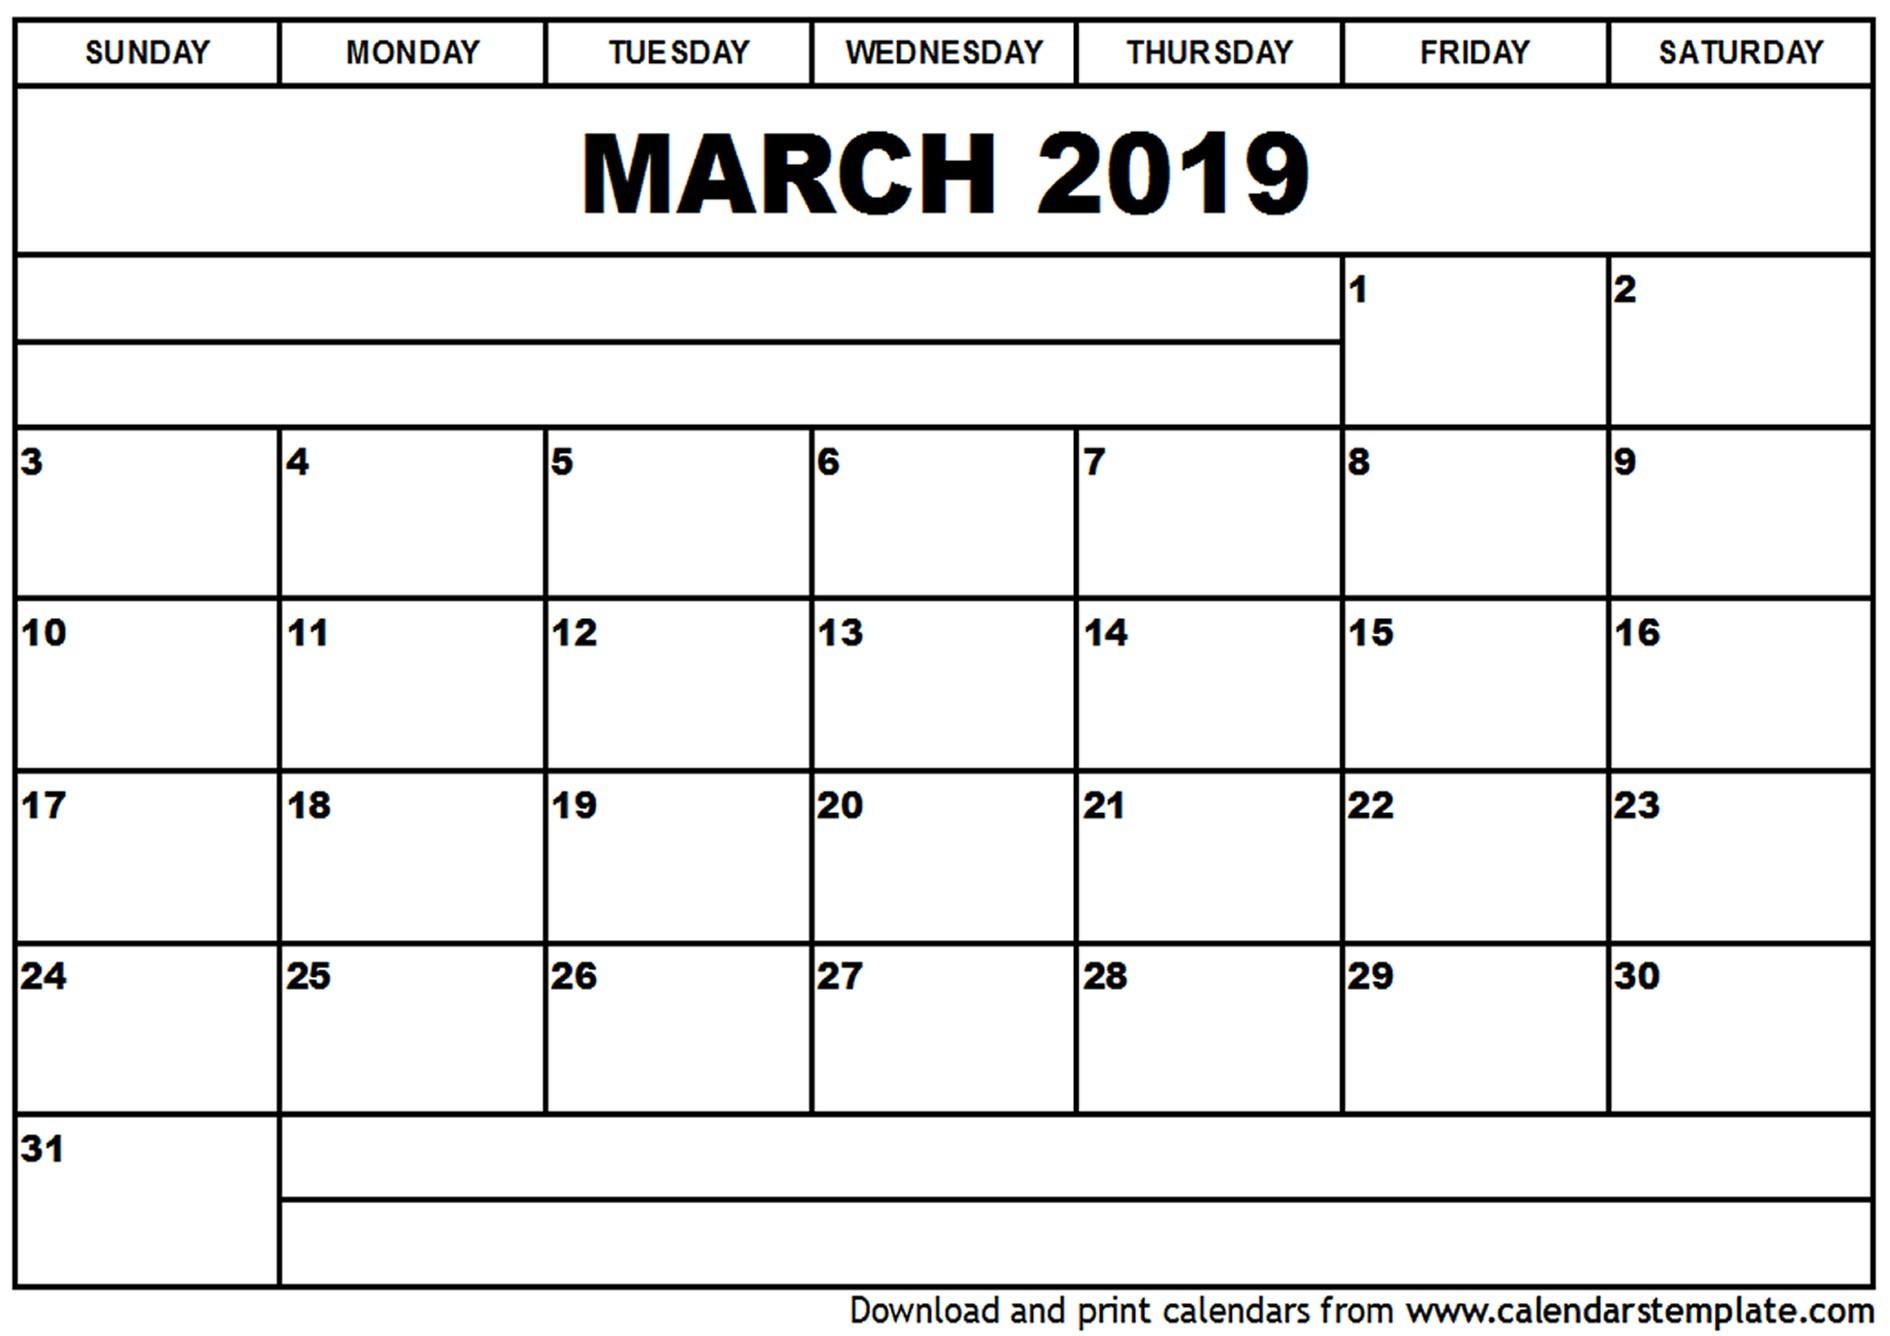 March Holiday Calendar 2019 Más Recientes Download Get Free March 2019 Calendar Printable Template Of March Holiday Calendar 2019 Más Caliente Printable March 2019 Calendar Template Holidays Yes Calendars